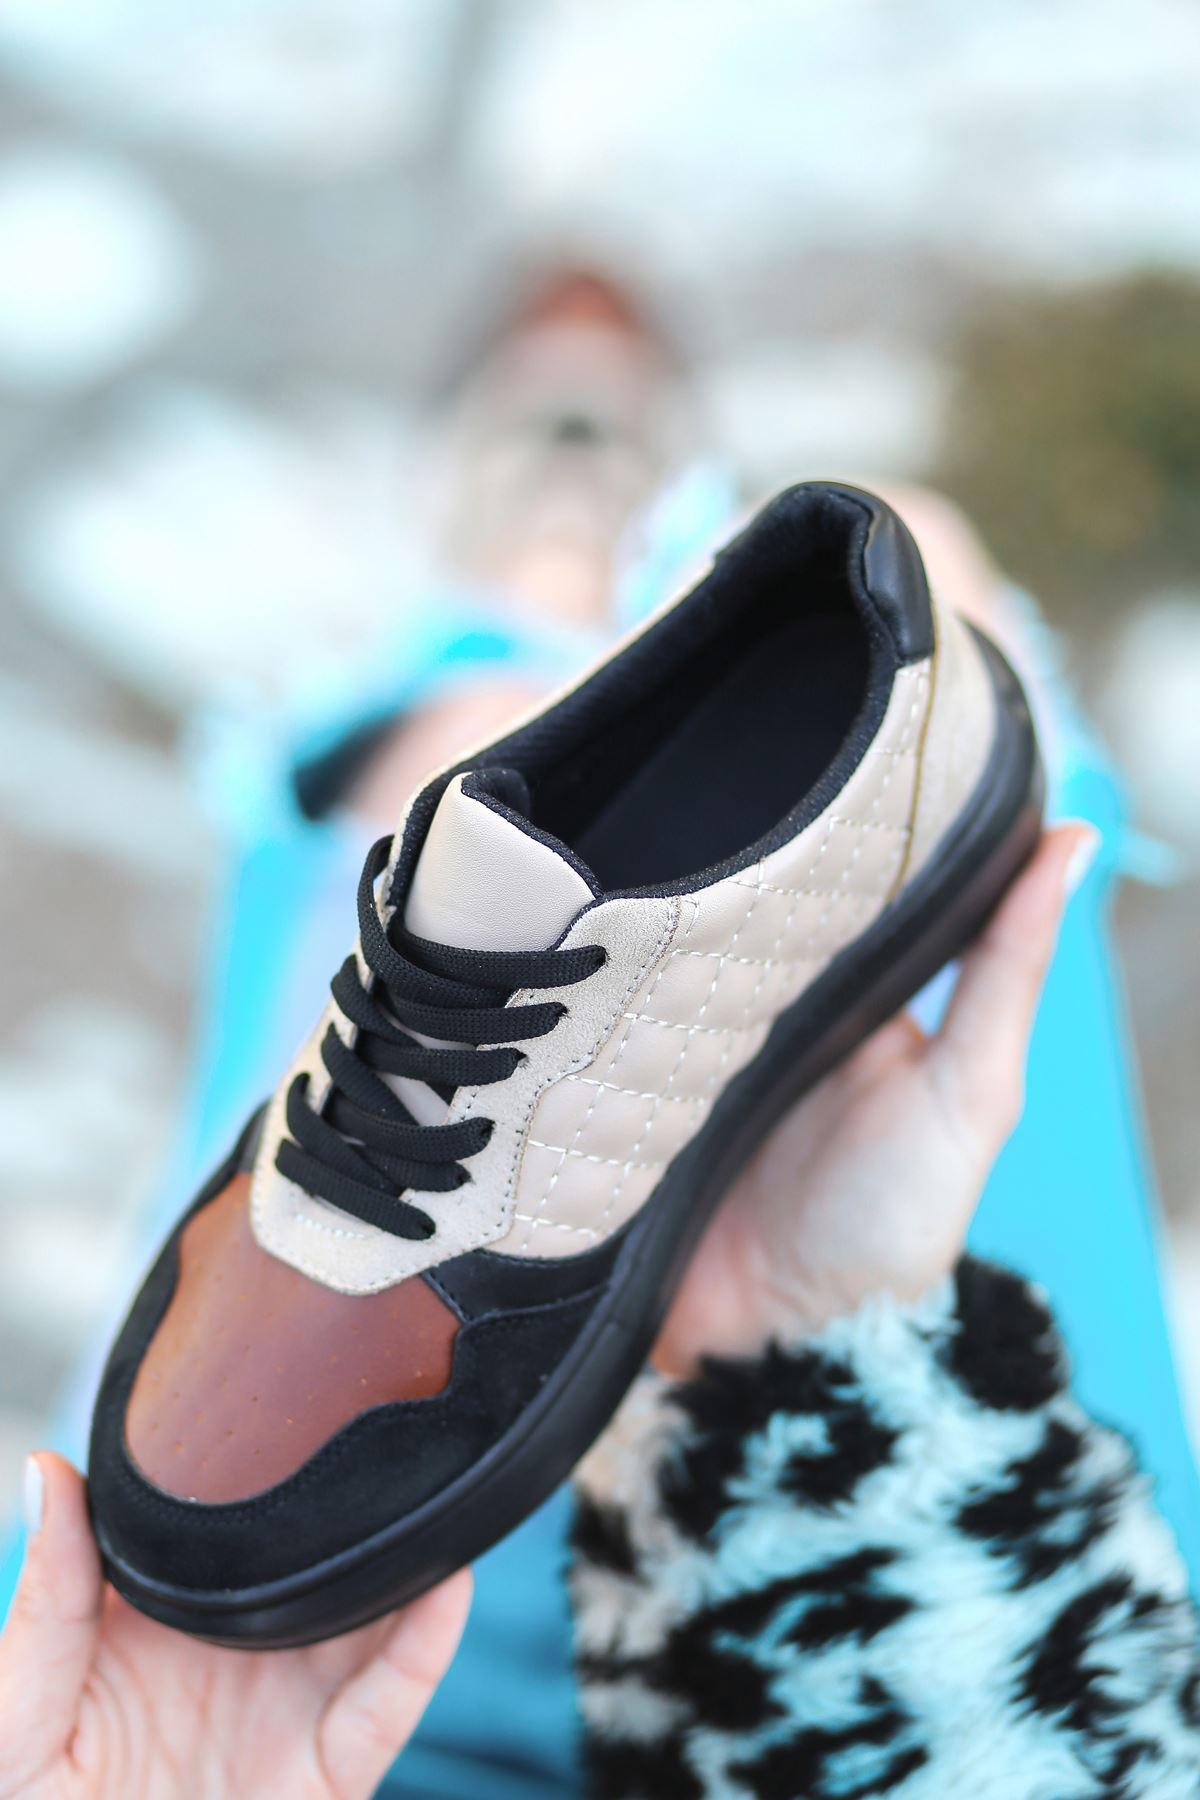 Macao Bağcık Detaylı Siyah Taban Kapitoneli Taba Süet Parçalı Vizon Kadın Spor Ayakkabı